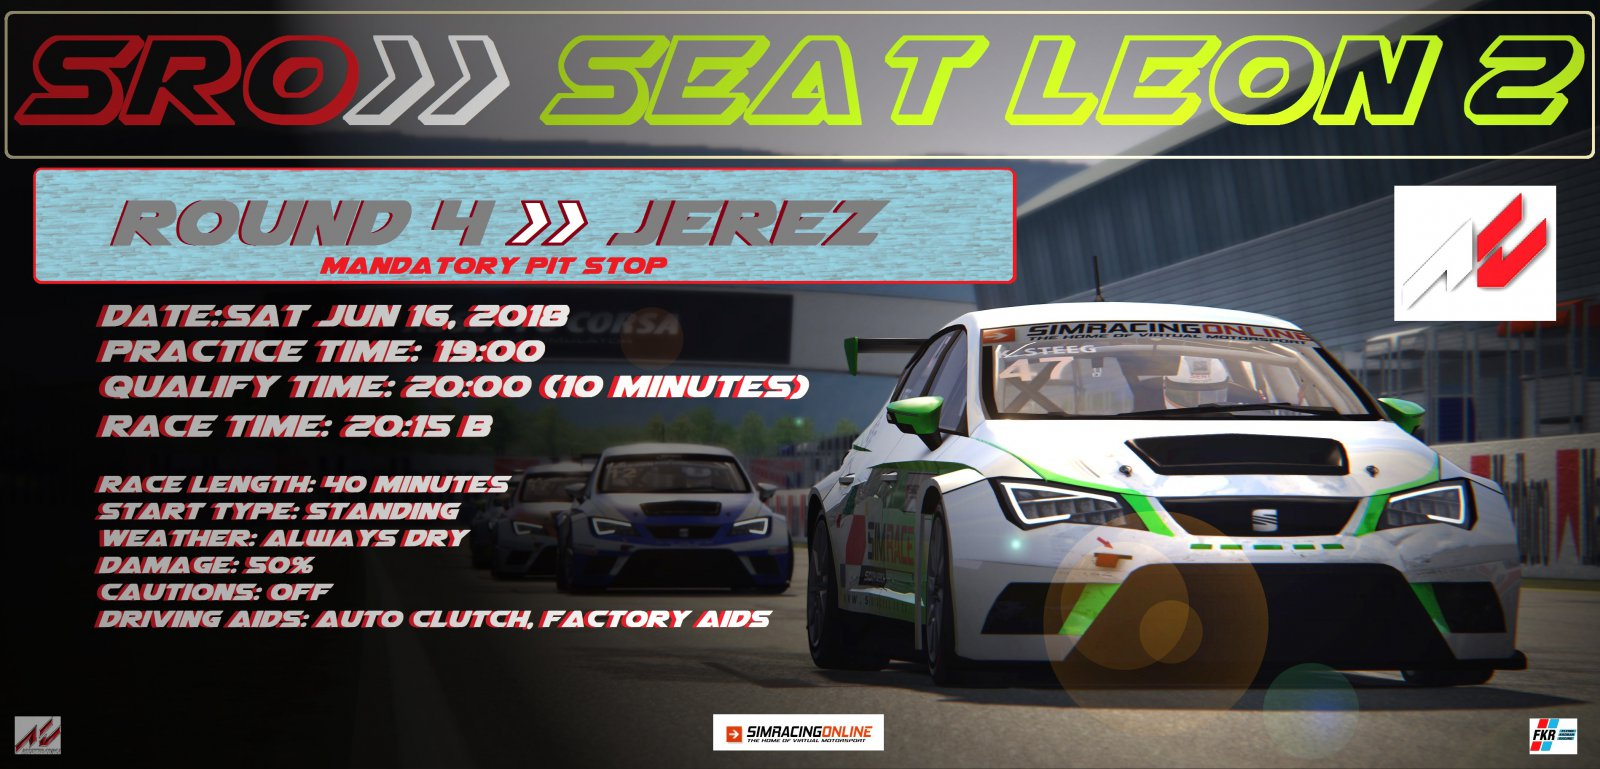 Seat leon Round 4 banner.jpg